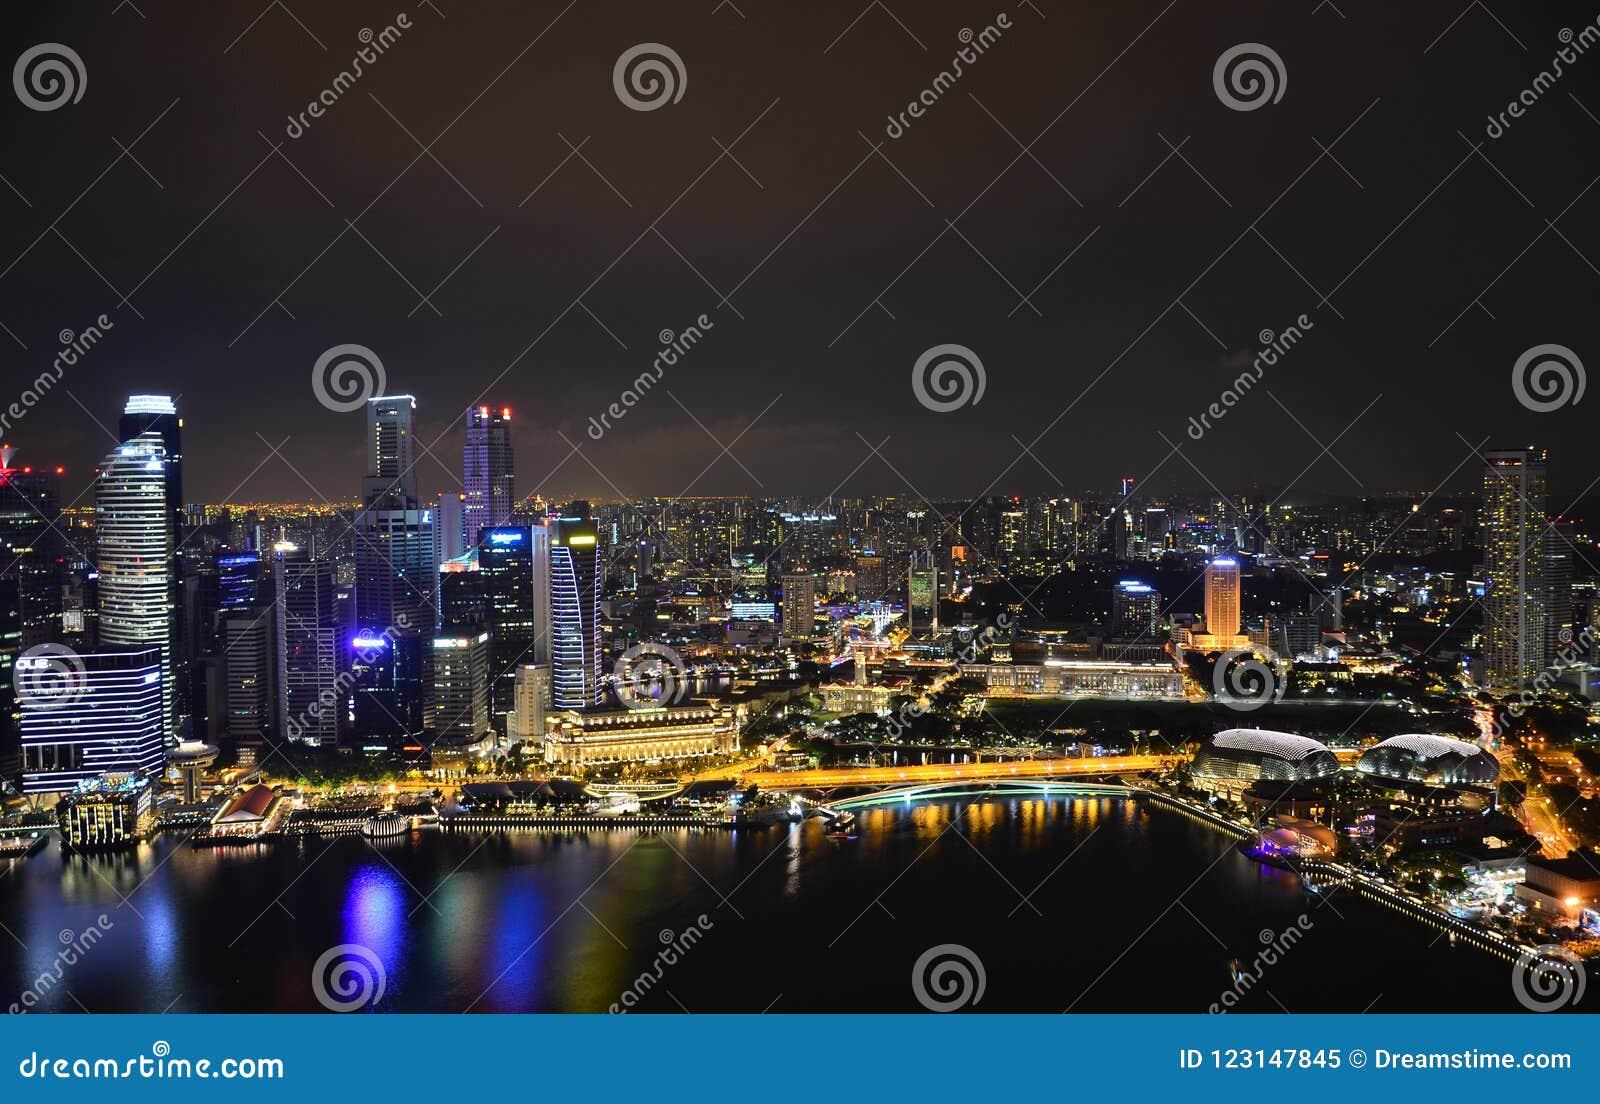 De nachthemel van Singapore Bezinningen en glans op het water De vlucht van de vogel - 1